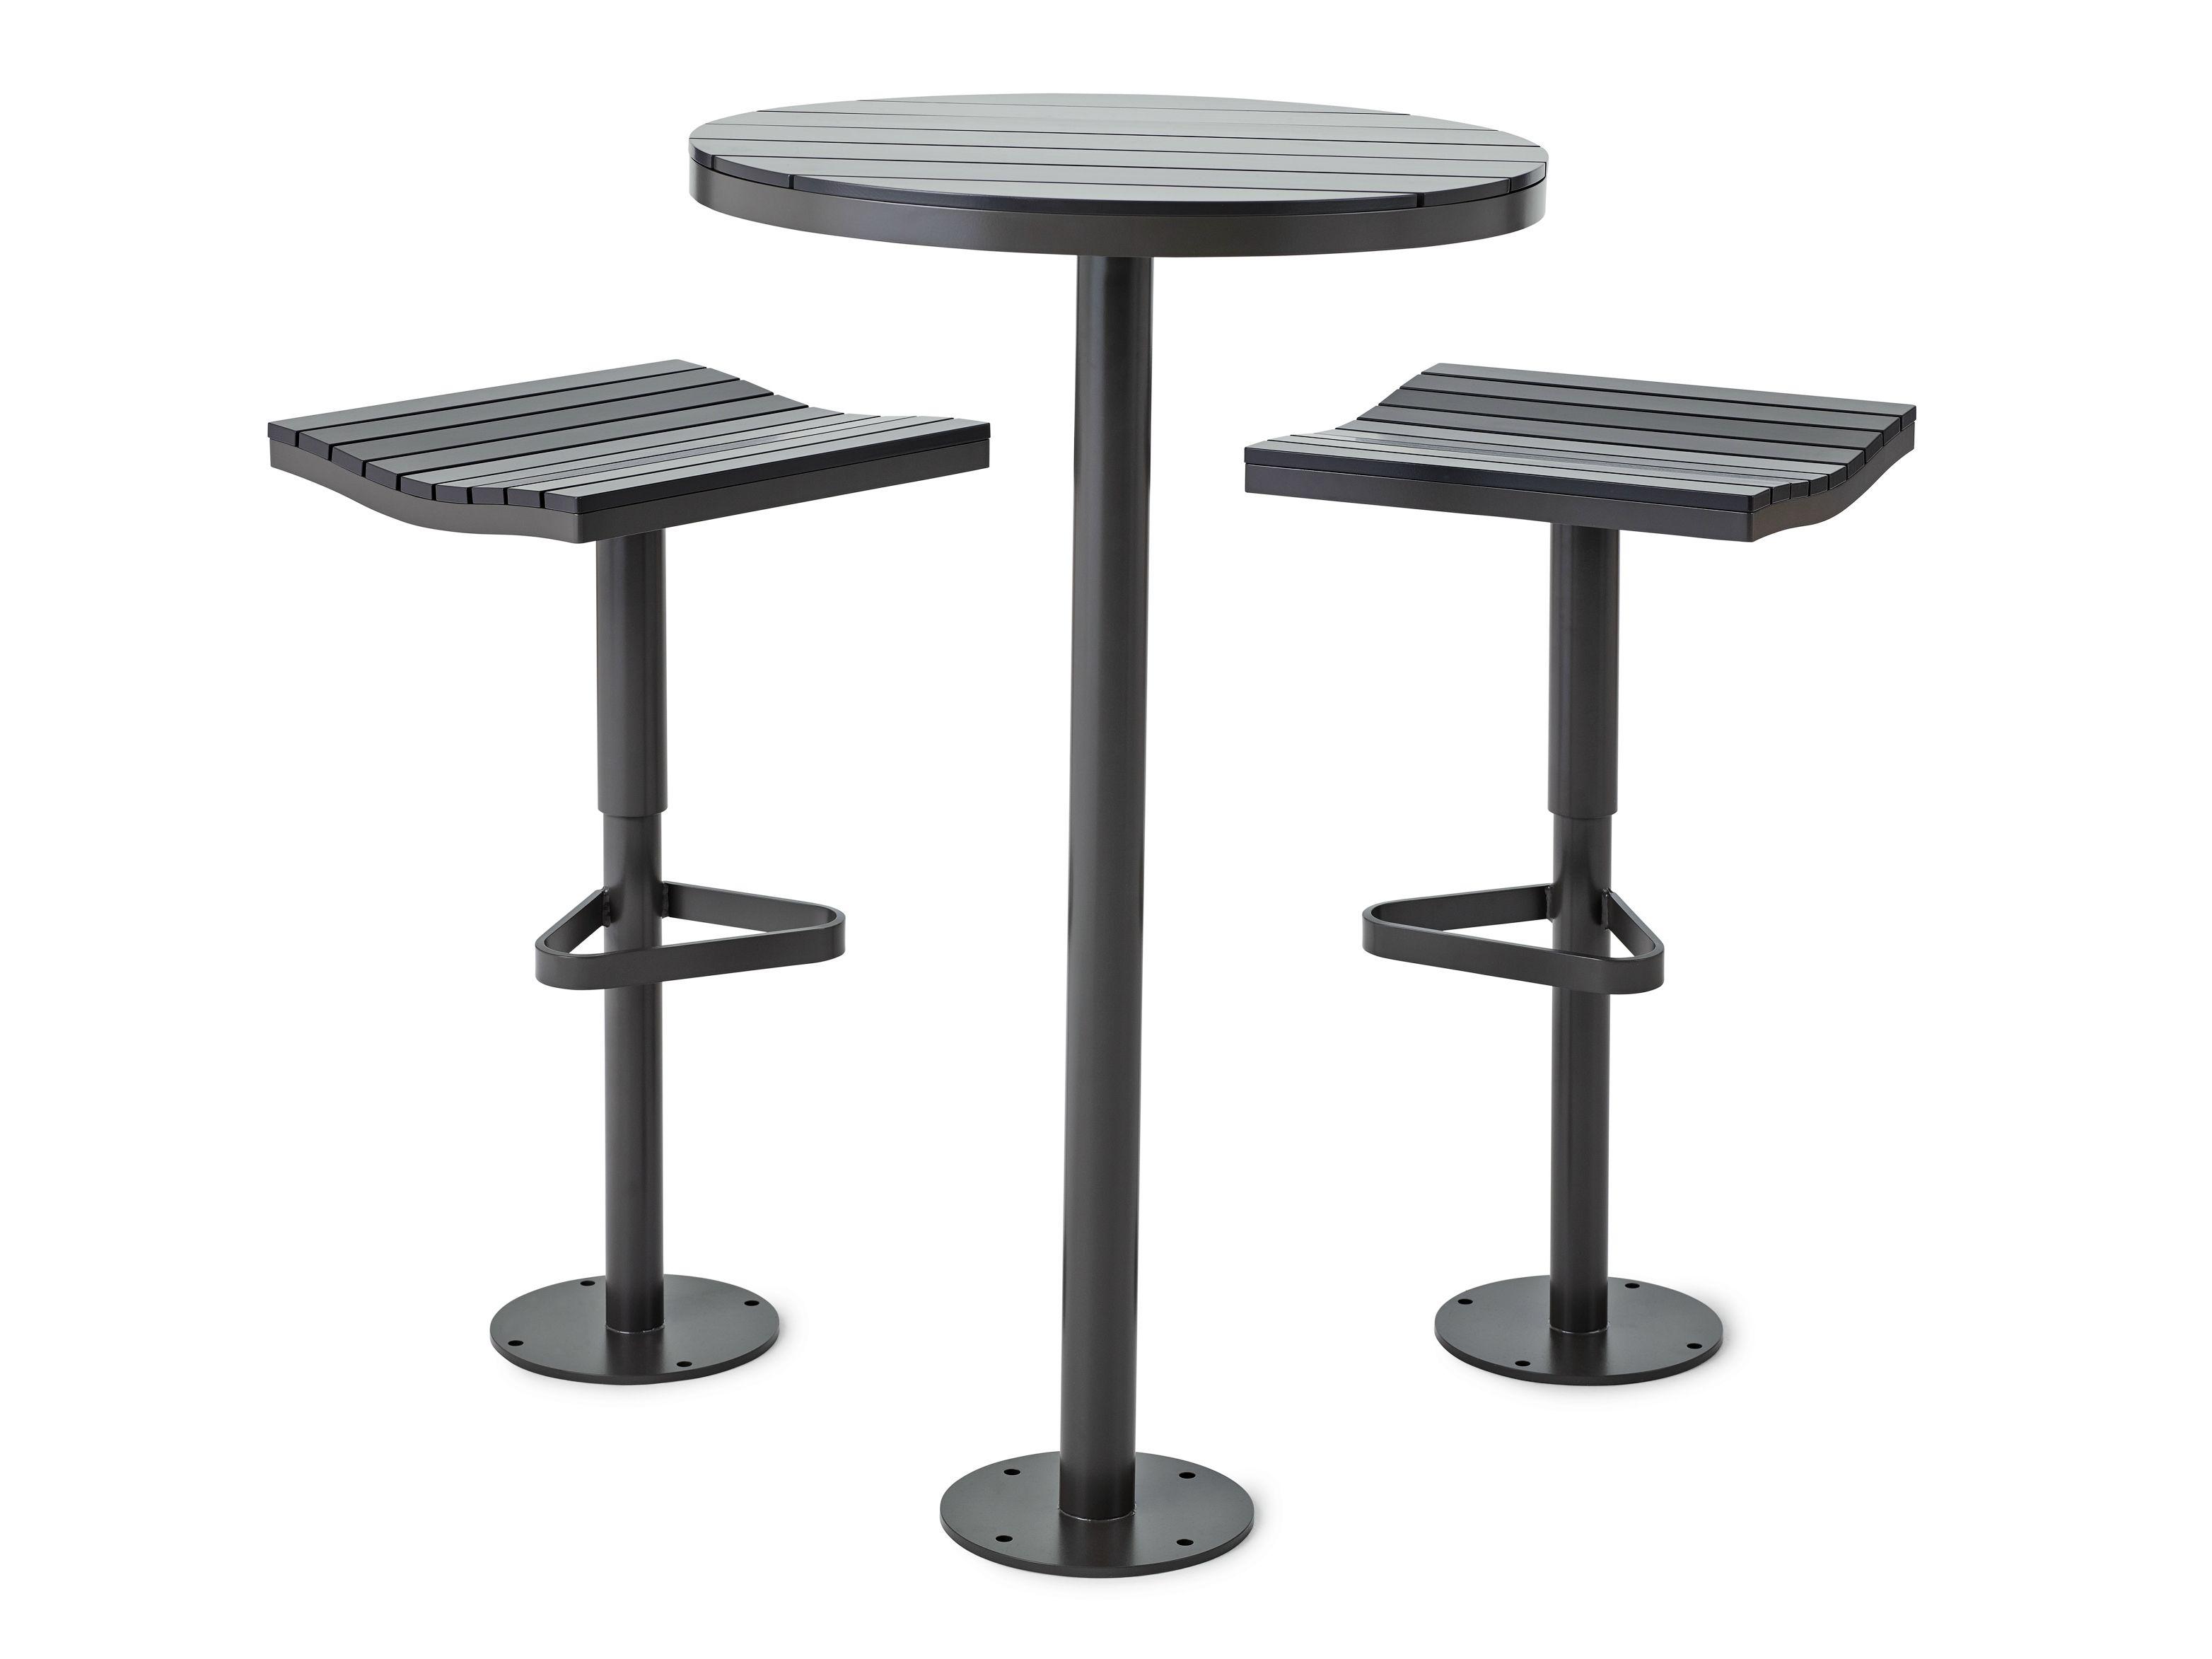 Parco mesa alta by nola industrier design brda broberg - Mesas de bar altas segunda mano ...